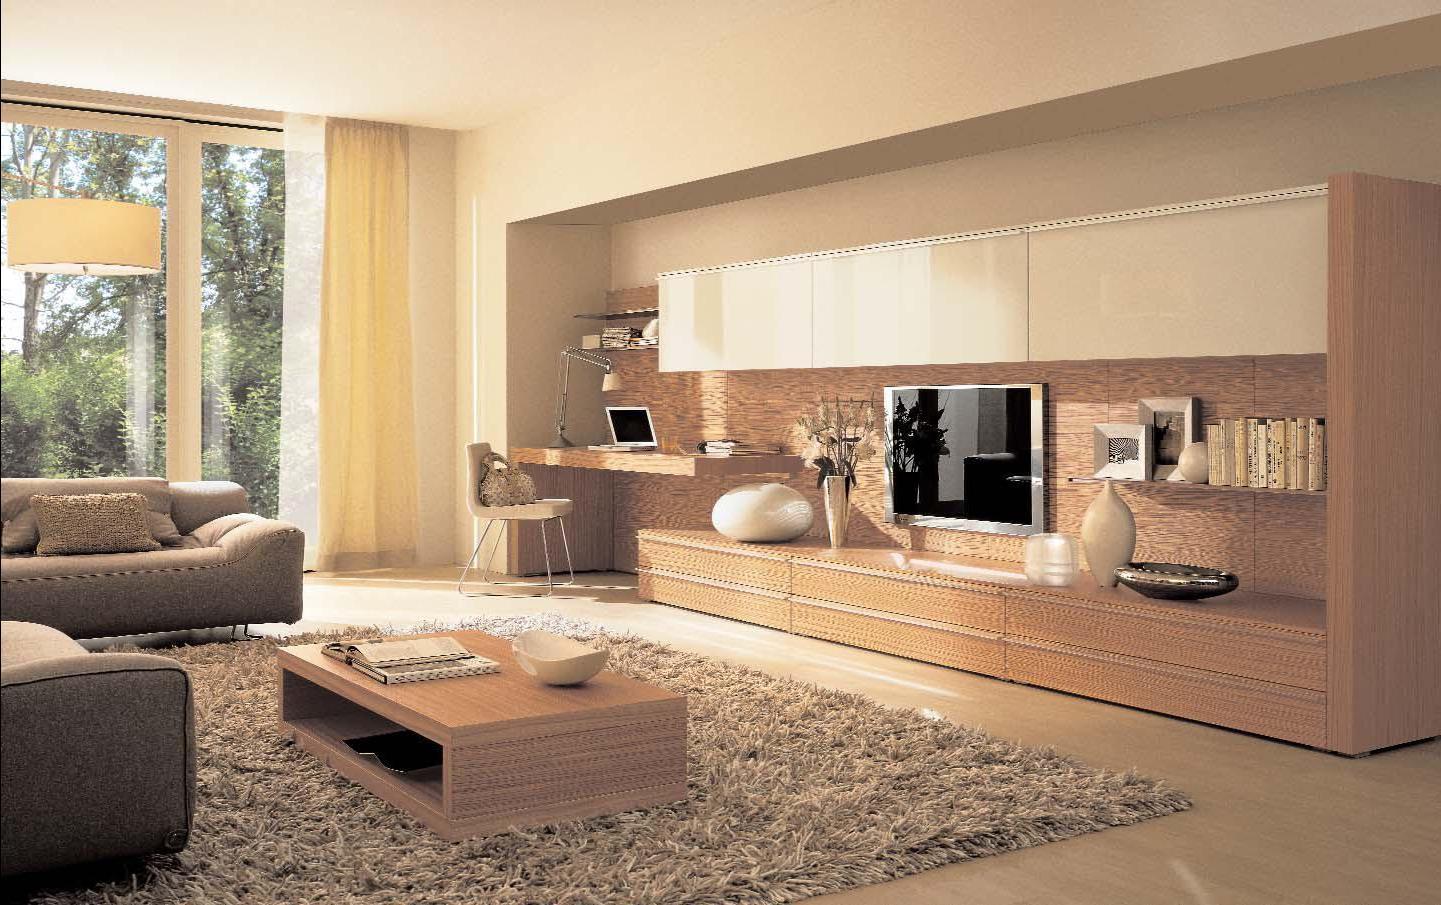 Disposition des meubles dans le salon